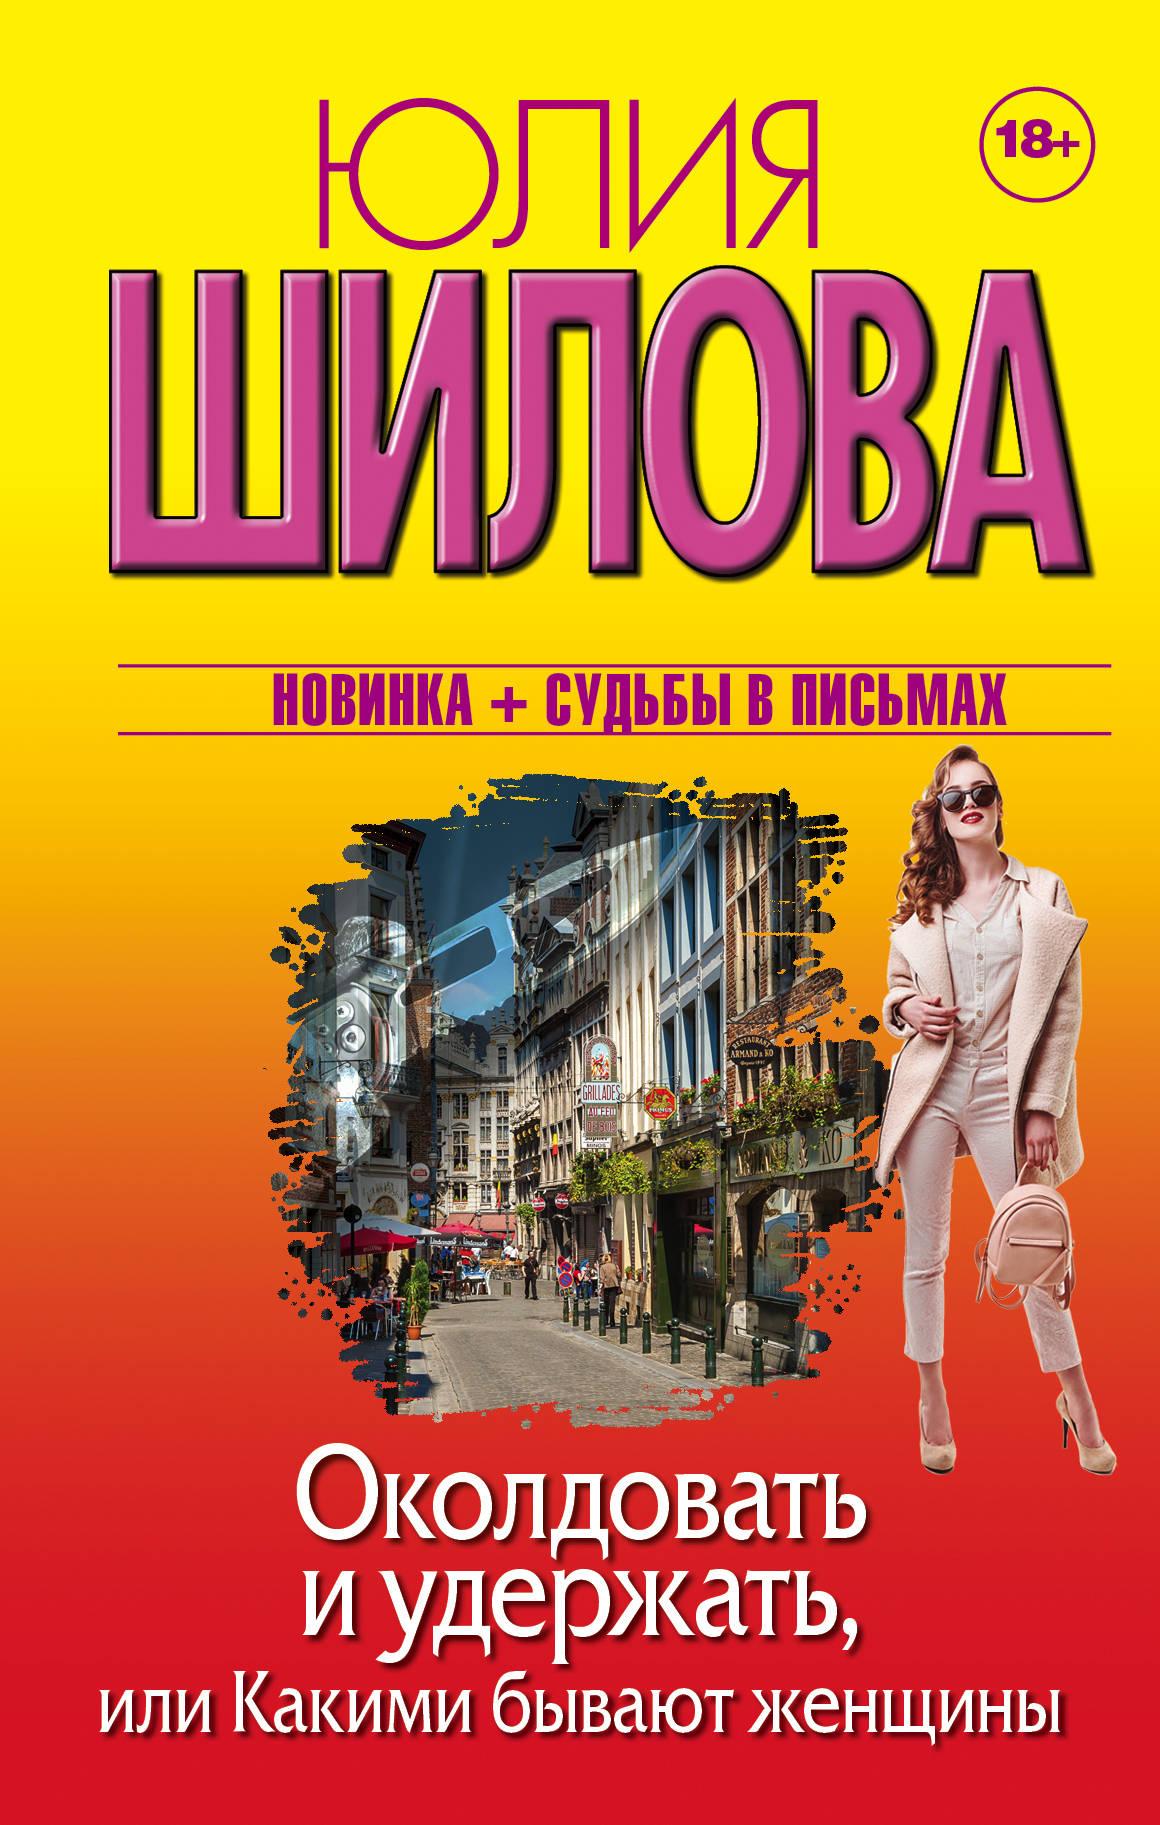 Шилова Юлия Витальевна Околдовать и удержать, или Какими бывают женщины